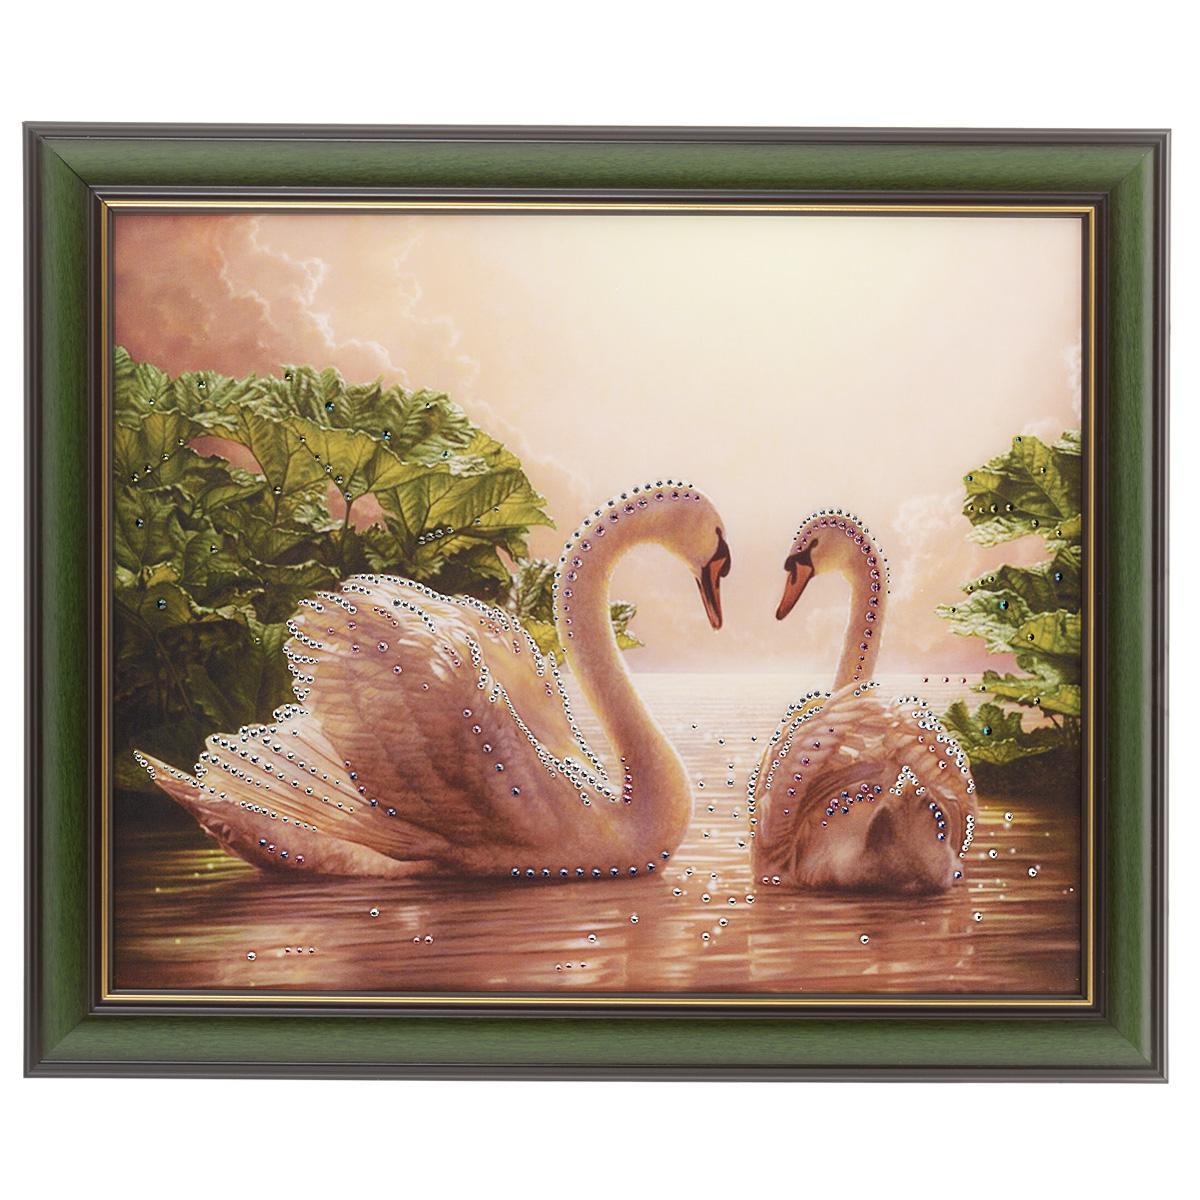 Картина с кристаллами Swarovski Влюбленные лебеди, 58,5 х 48,5 см12723Изящная картина в багетной раме, инкрустирована кристаллами Swarovski, которые отличаются четкой и ровной огранкой, ярким блеском и чистотой цвета. Красочное изображение лебедей, расположенное под стеклом, прекрасно дополняет блеск кристаллов. С обратной стороны имеется металлическая проволока для размещения картины на стене. Картина с кристаллами Swarovski Влюбленные лебеди элегантно украсит интерьер дома или офиса, а также станет прекрасным подарком, который обязательно понравится получателю. Блеск кристаллов в интерьере, что может быть сказочнее и удивительнее. Картина упакована в подарочную картонную коробку синего цвета и комплектуется сертификатом соответствия Swarovski.